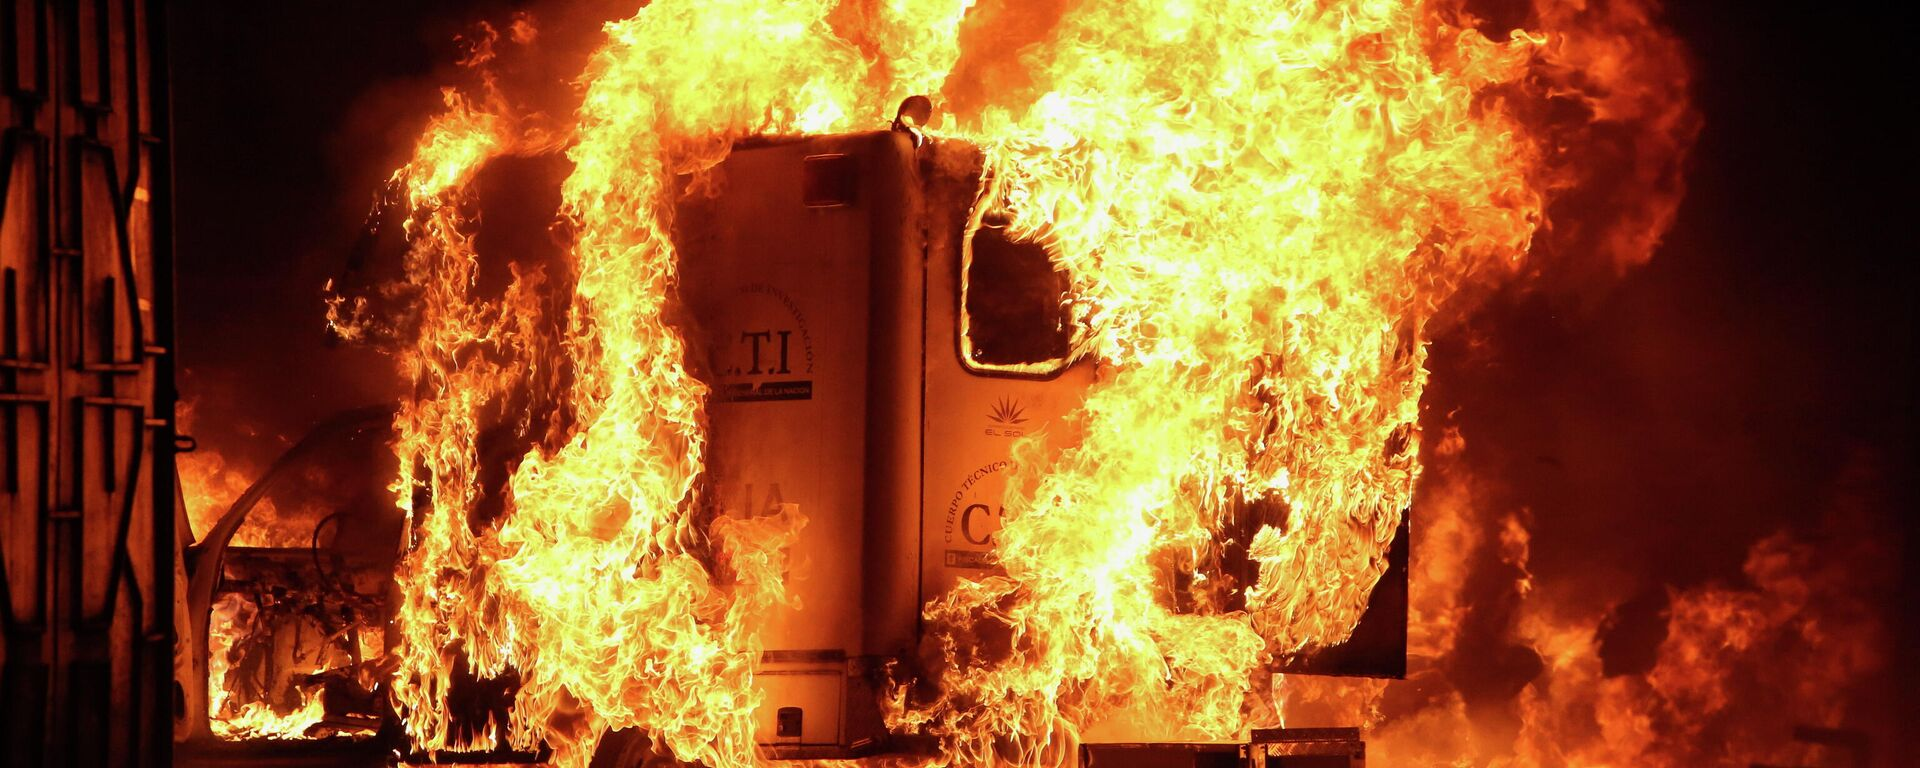 Incendio durante las protestas en Popayán, Colombia - Sputnik Mundo, 1920, 15.05.2021